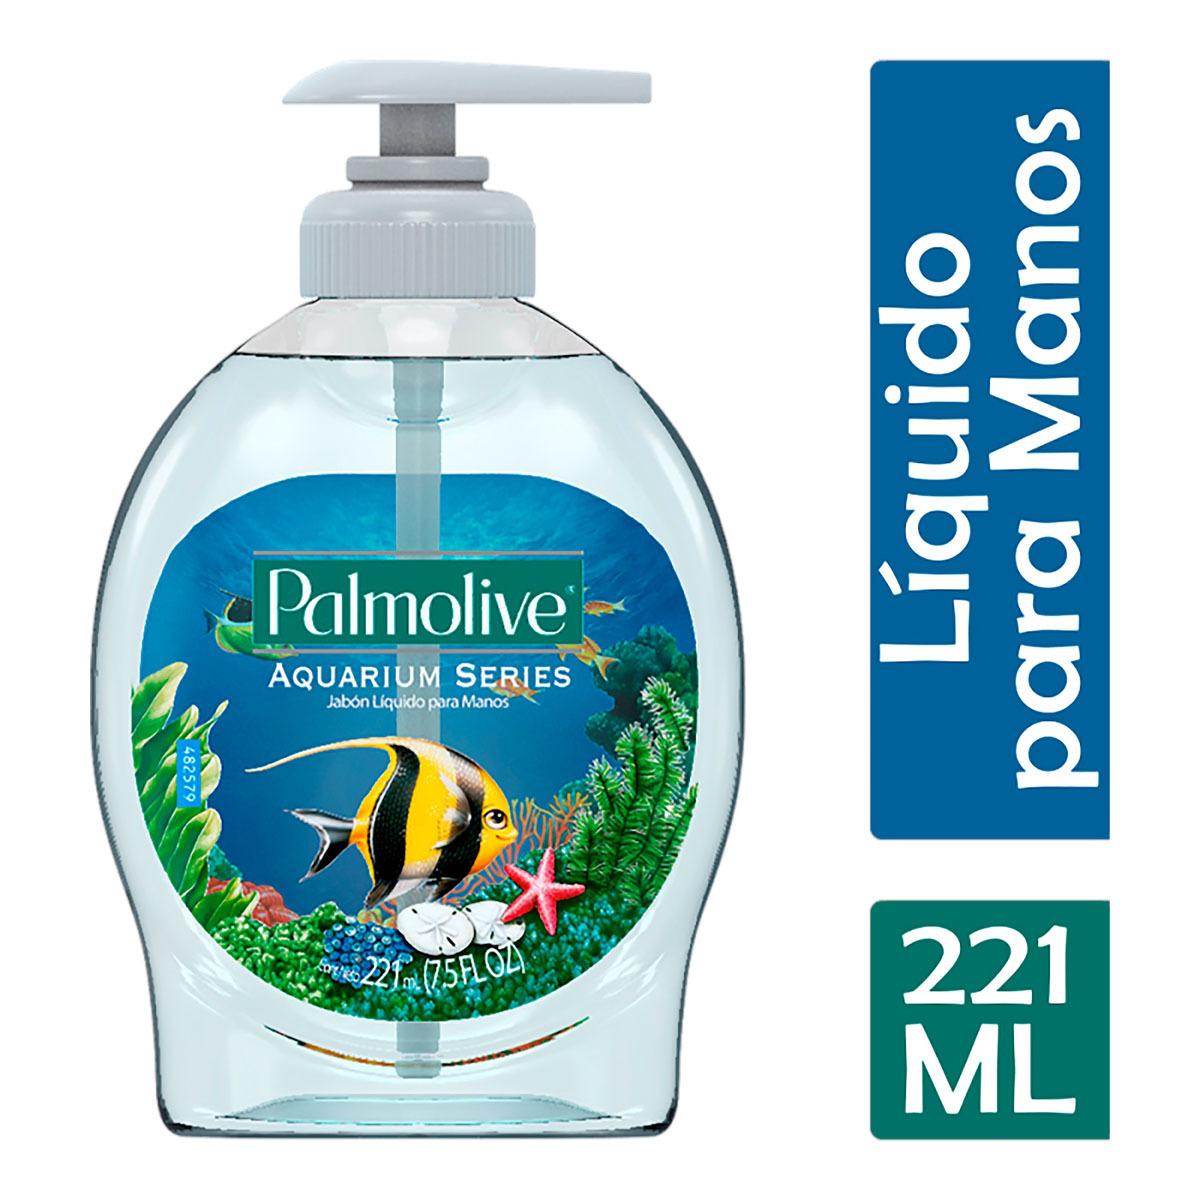 Chedraui: Jabón líquido Palmolive y Recopilación de mis favoritos